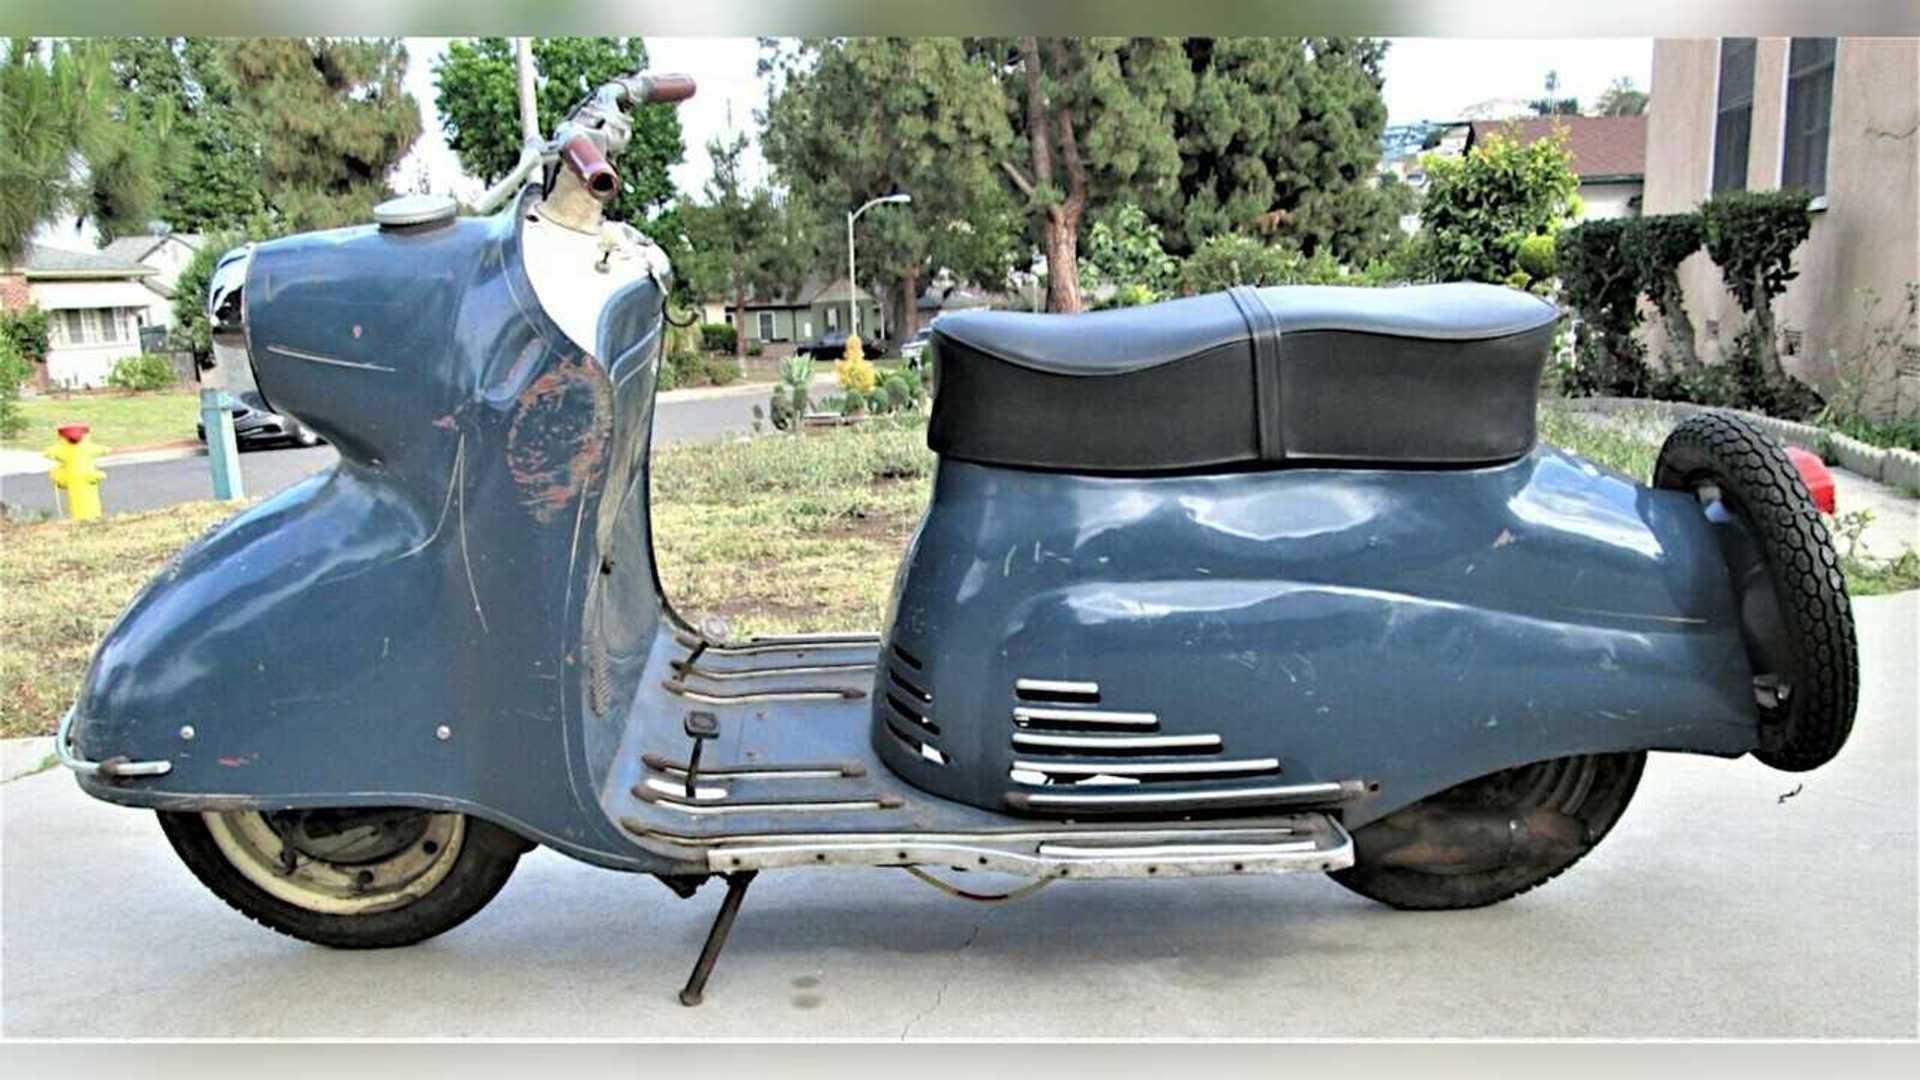 1956 KTM Mirabell 125 - Left side